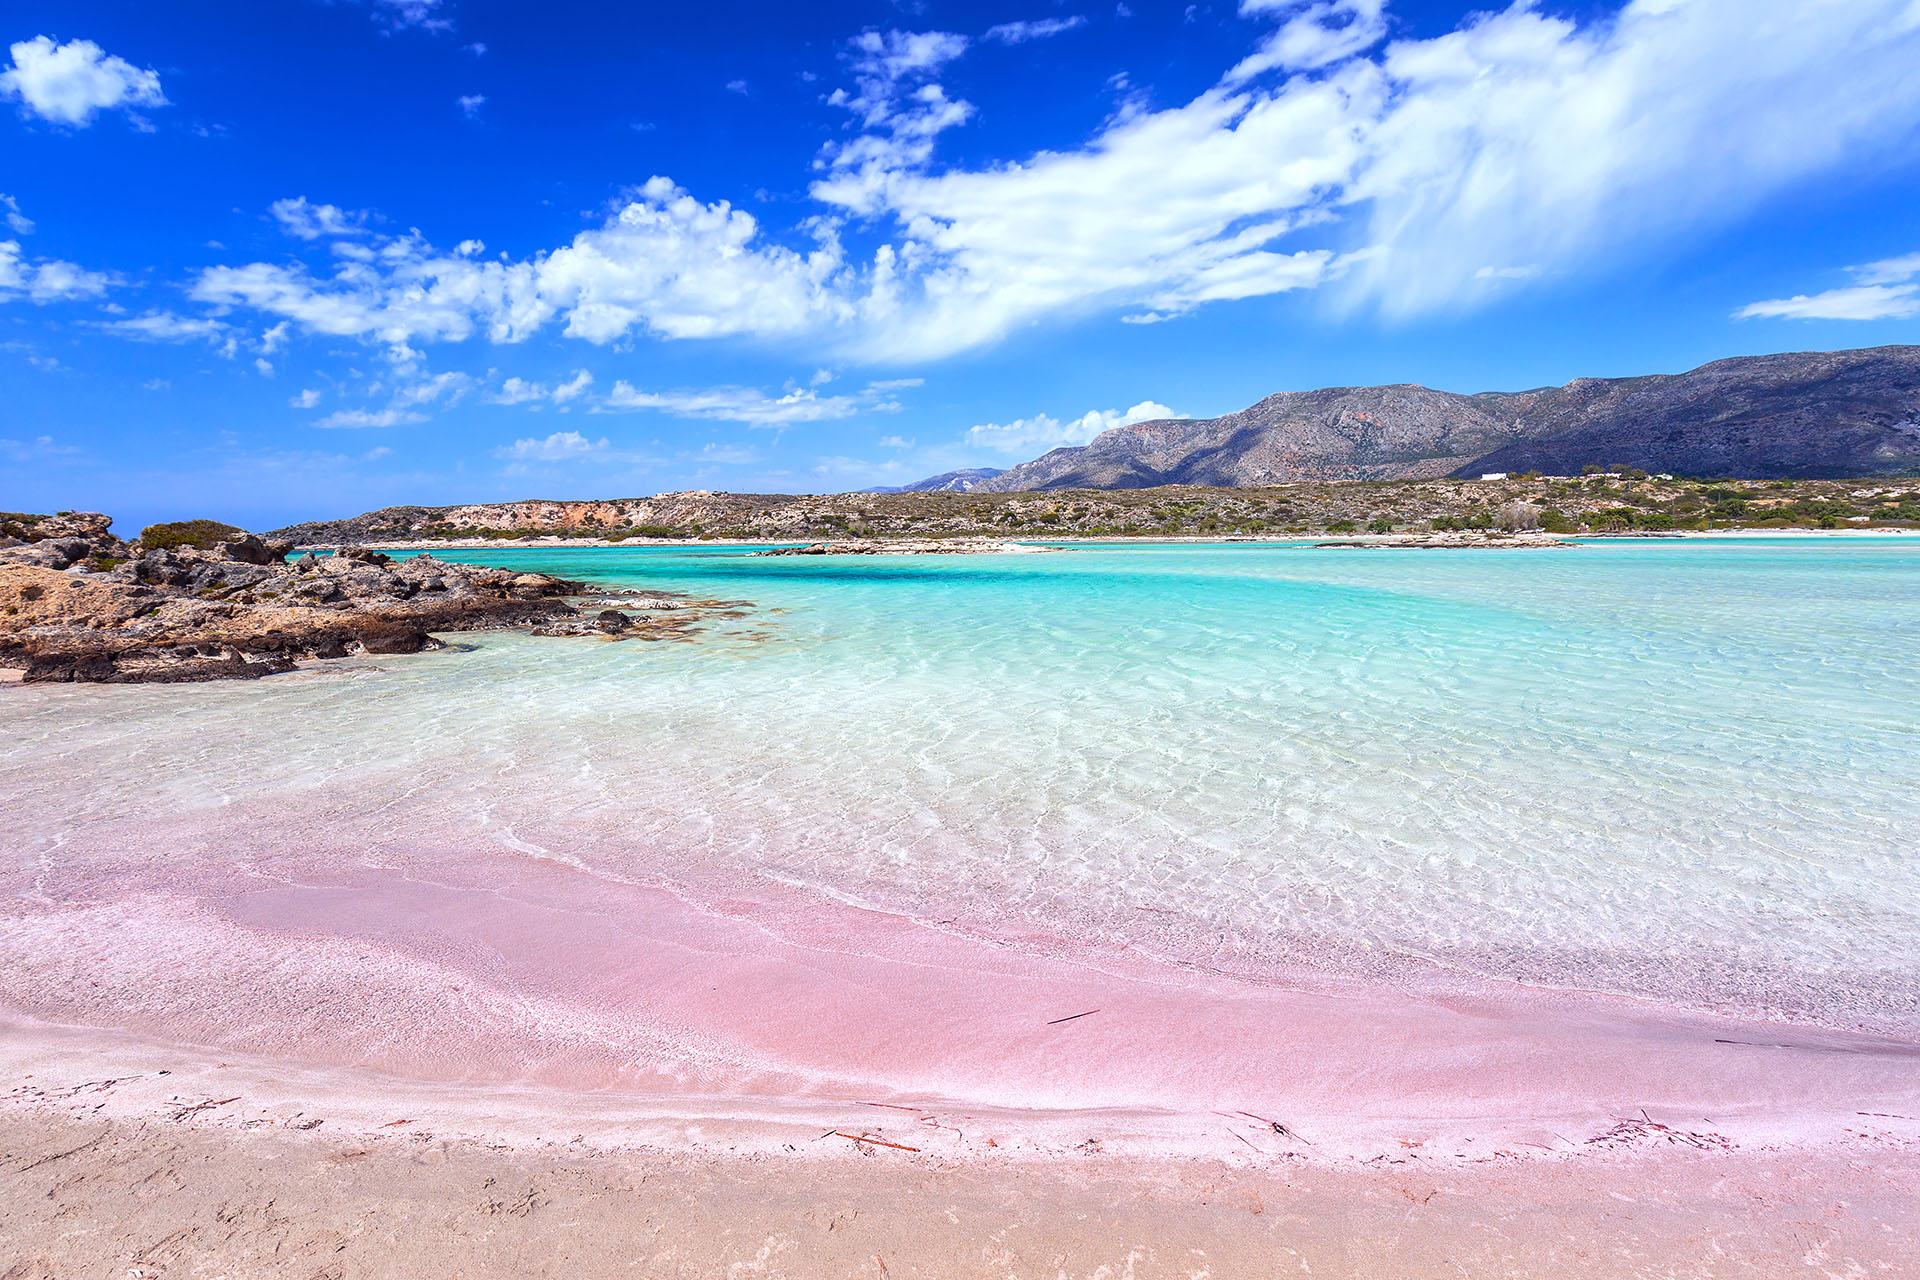 Alguna vez fue parte de un secreto local, pero hoy esta playa de arena rosa se convirtió en un destino popular que permite a los viajeros ser testigos del fenómeno de arena rosa